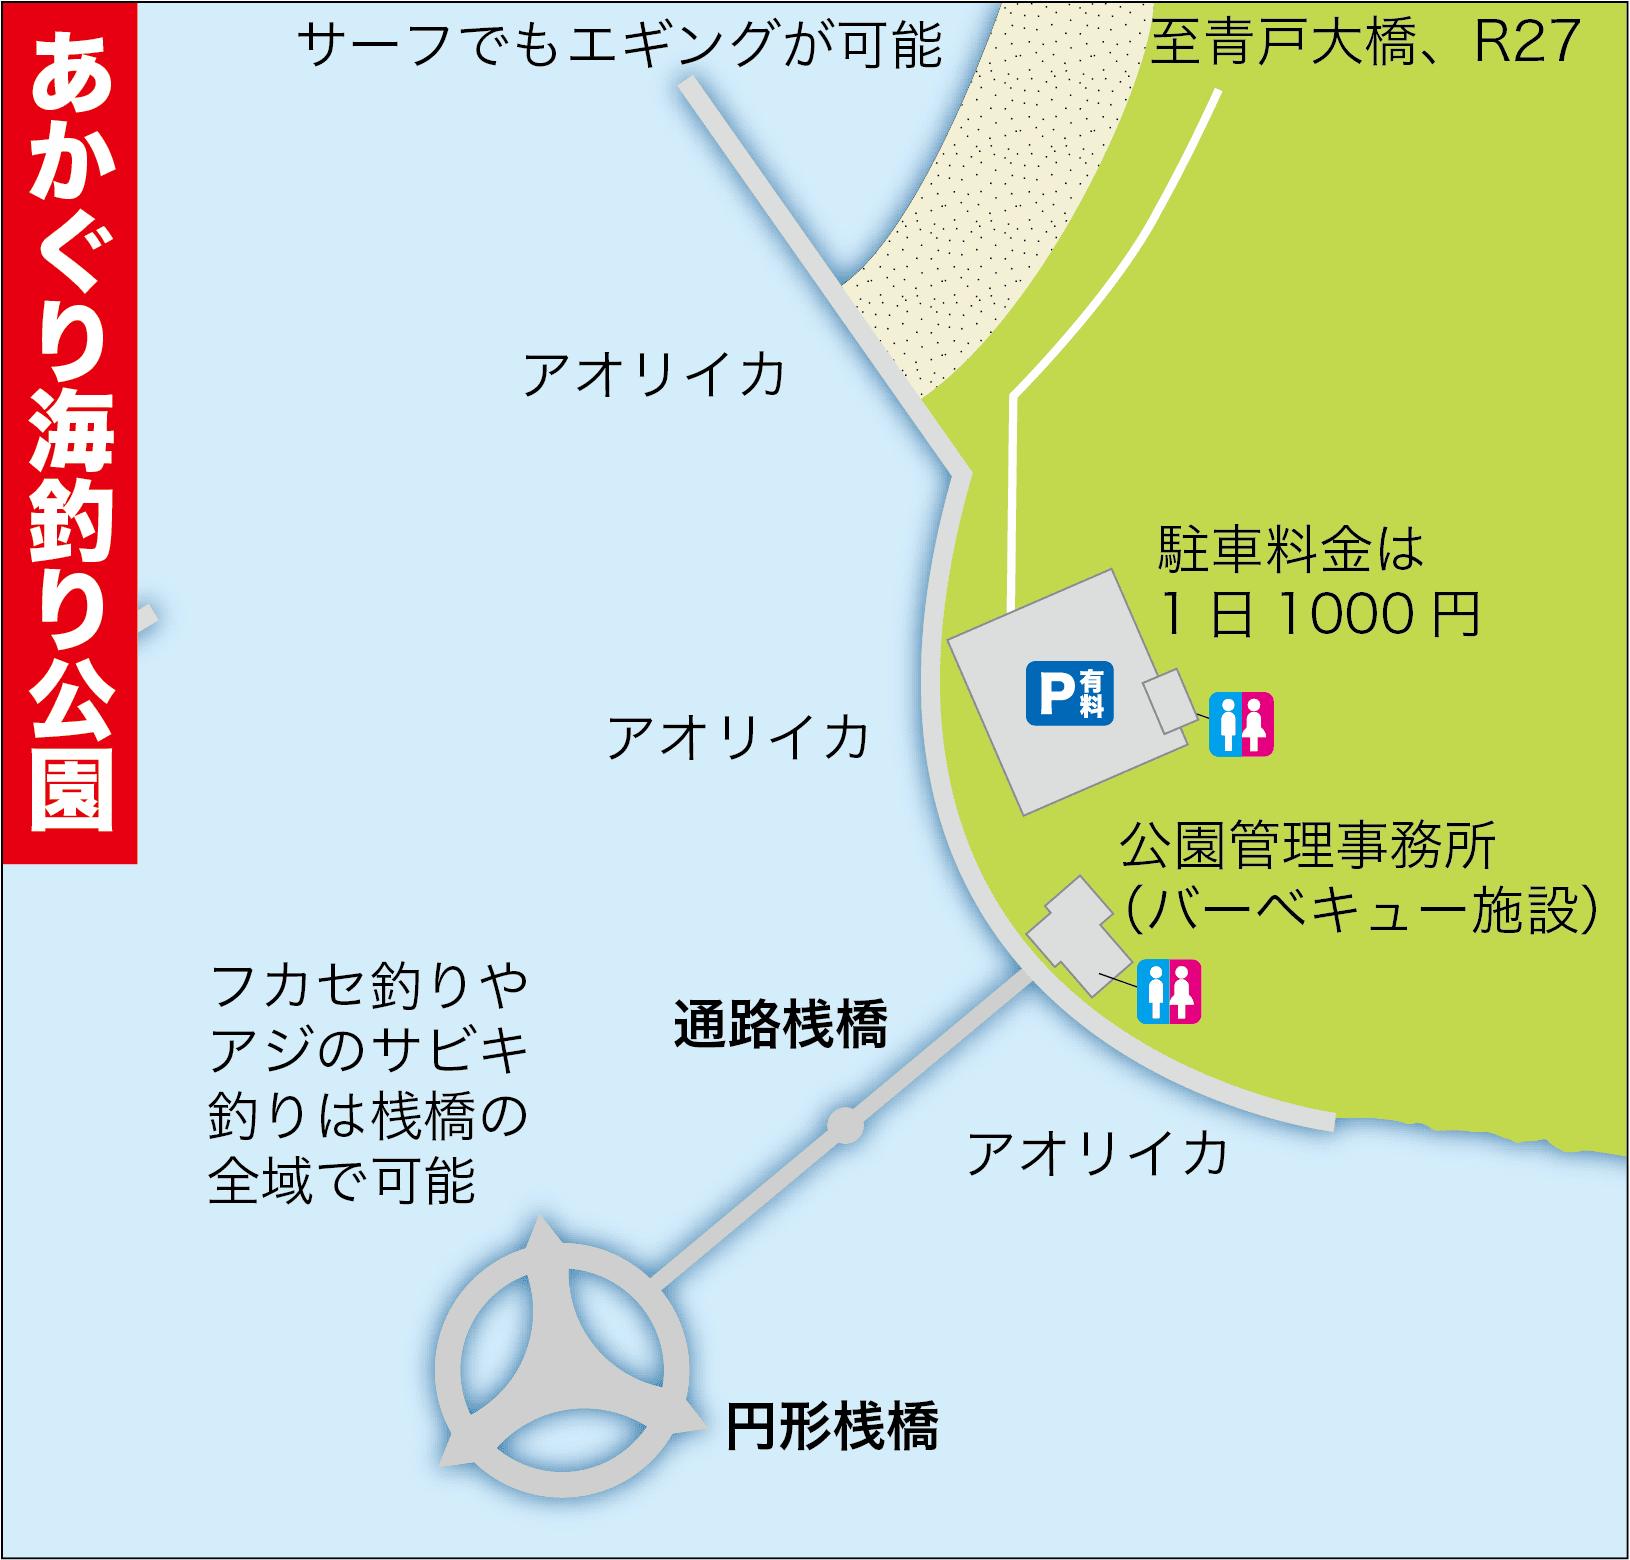 あかぐり海釣り公園の遊び方10